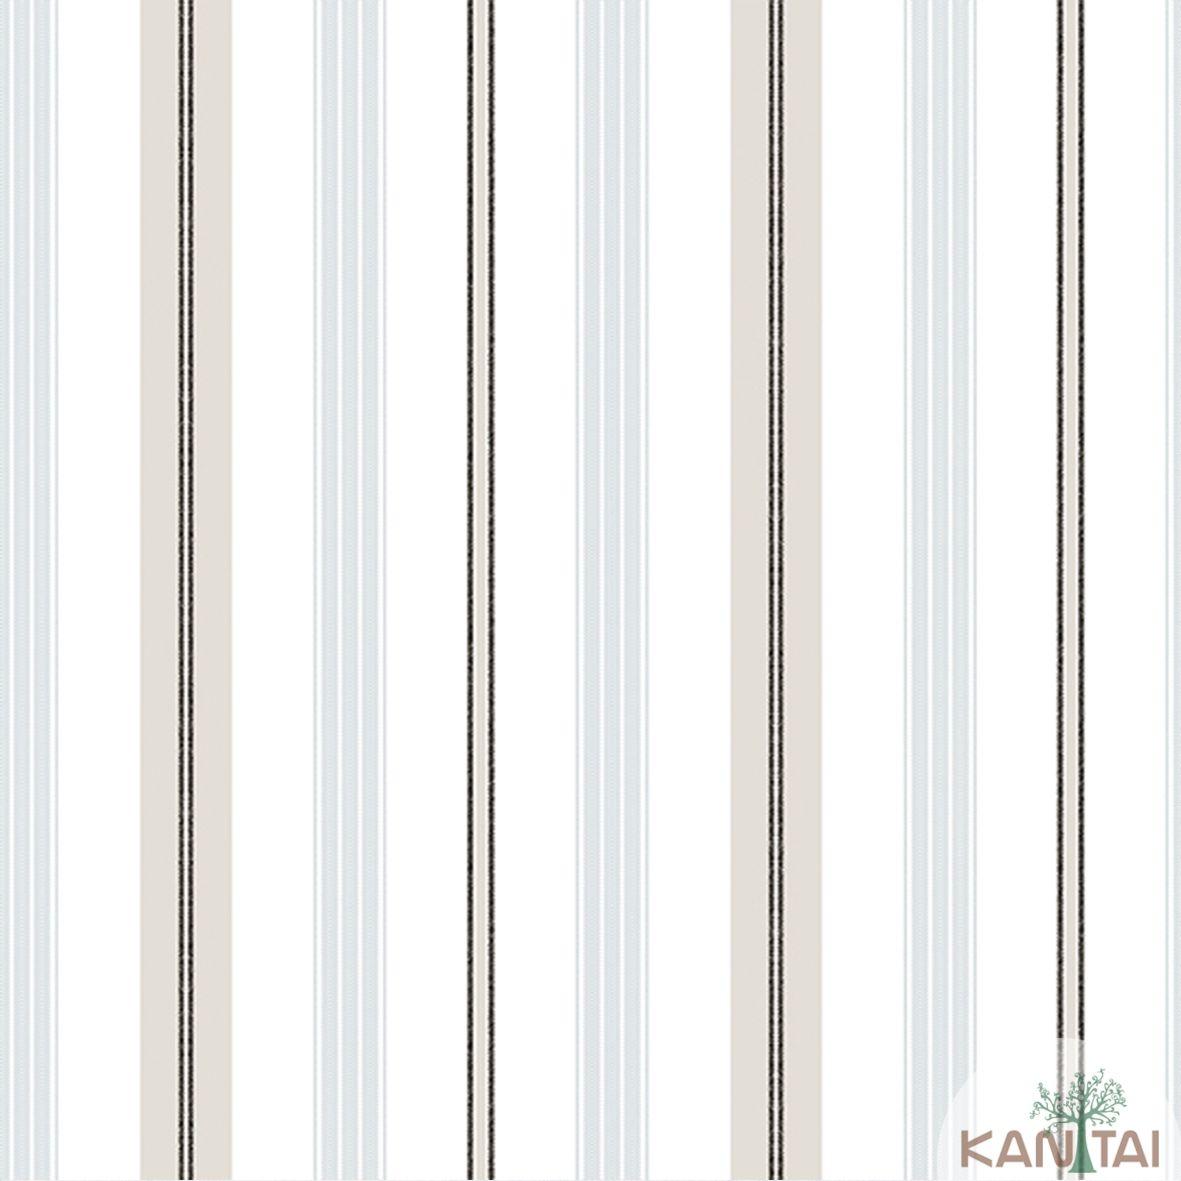 Papel de Parede Importado Kantai TNT Coleção Davinci II Listras Marfim, Tons de Cinza Claro, Preto